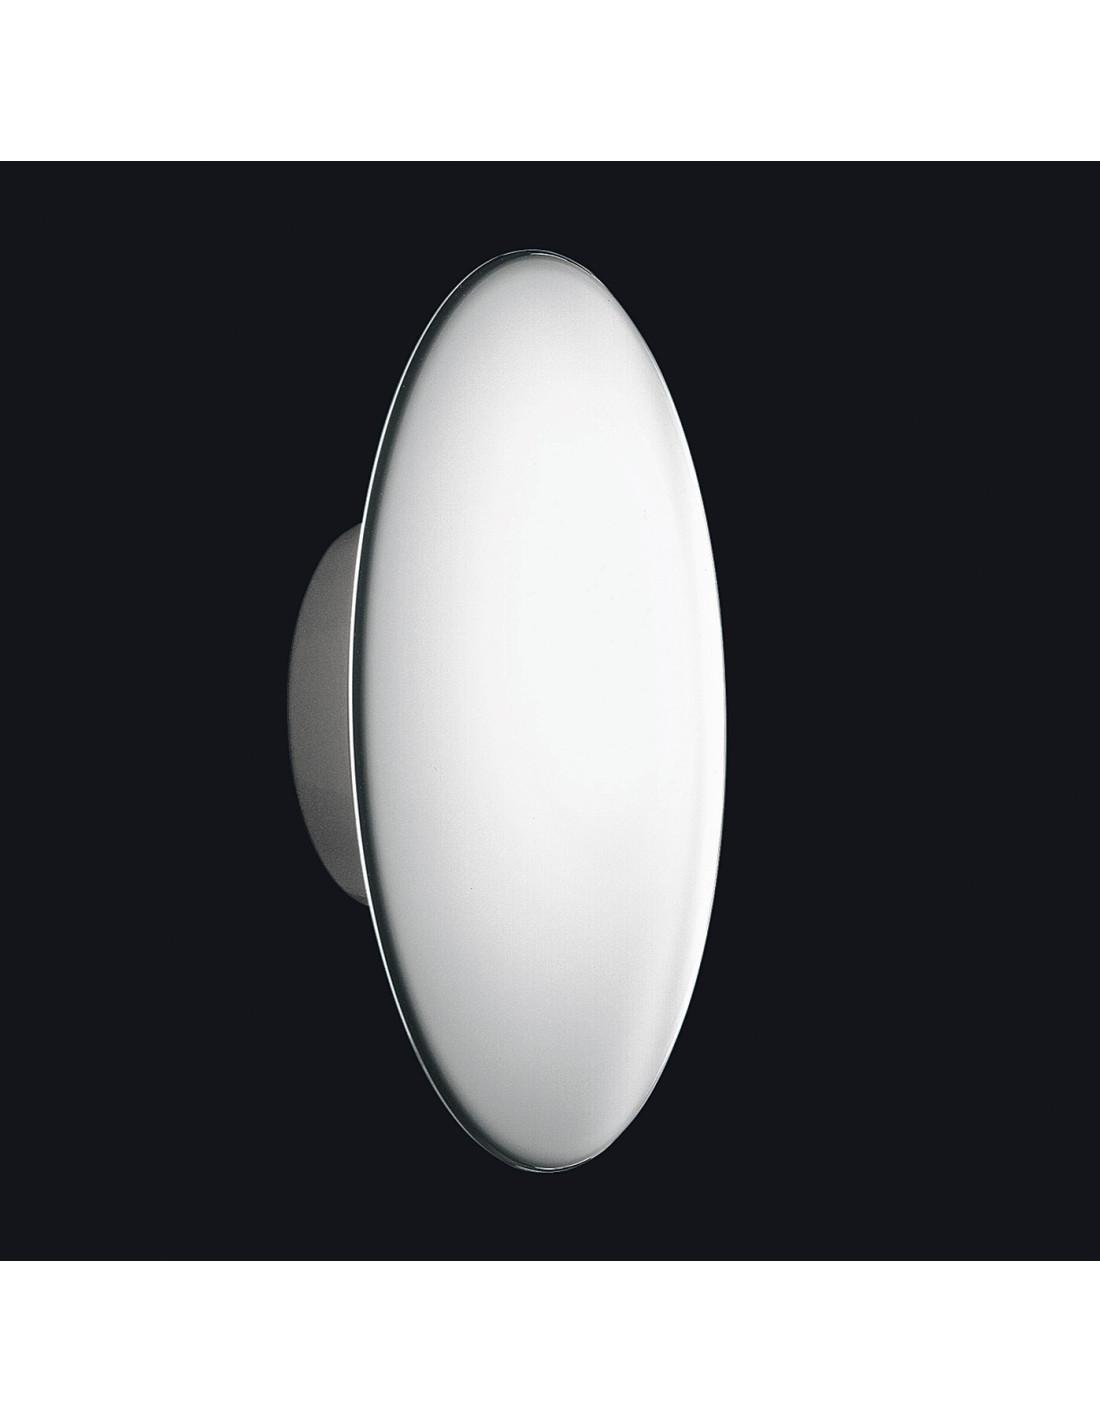 AJ Discus wall lamp, Arne Jacobsen design for Louis Poulsen - La boutique danoise